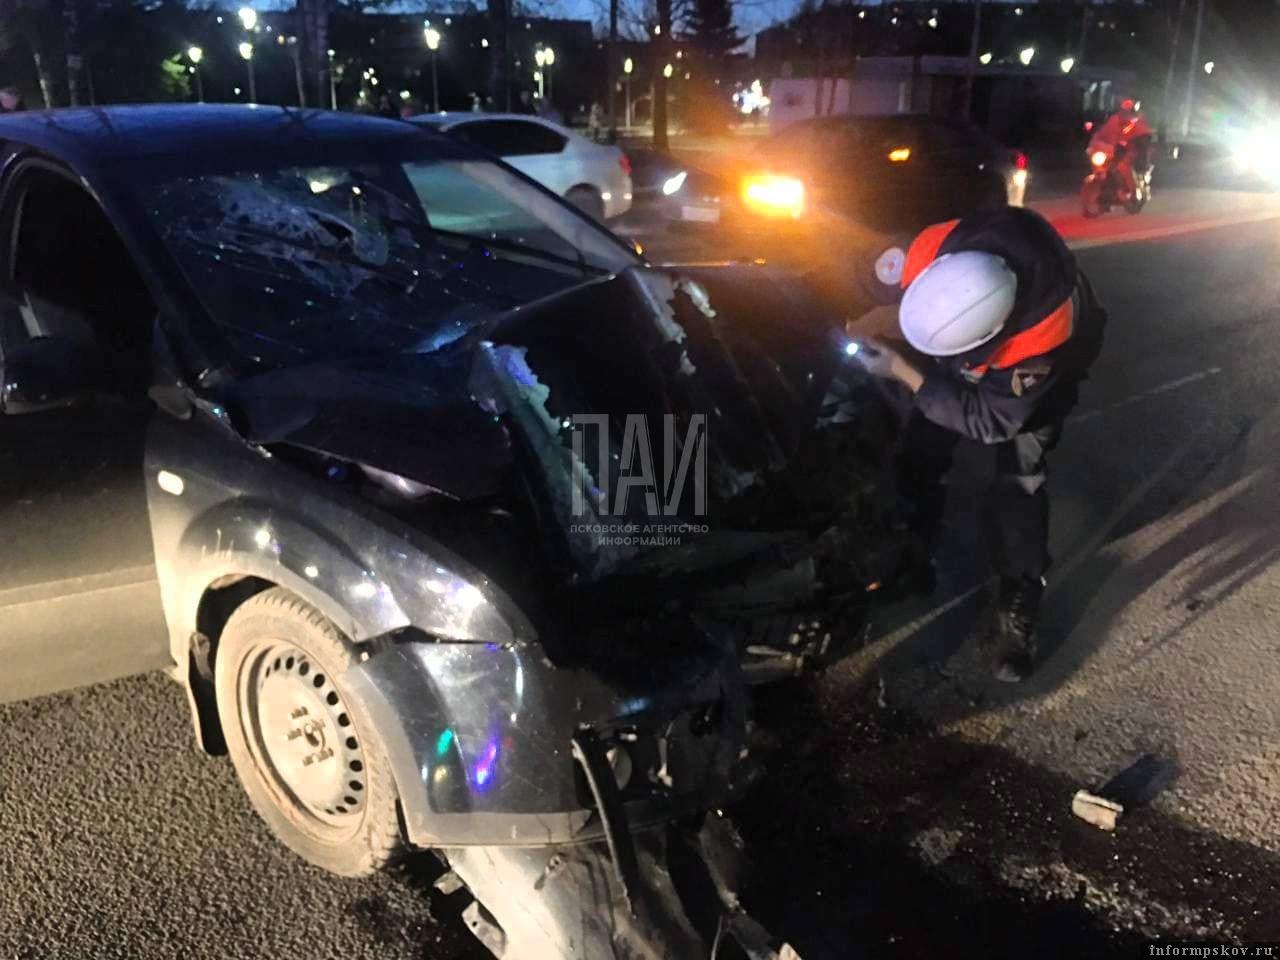 Автомобиль врезался в опору освещения. Фото ПАИ